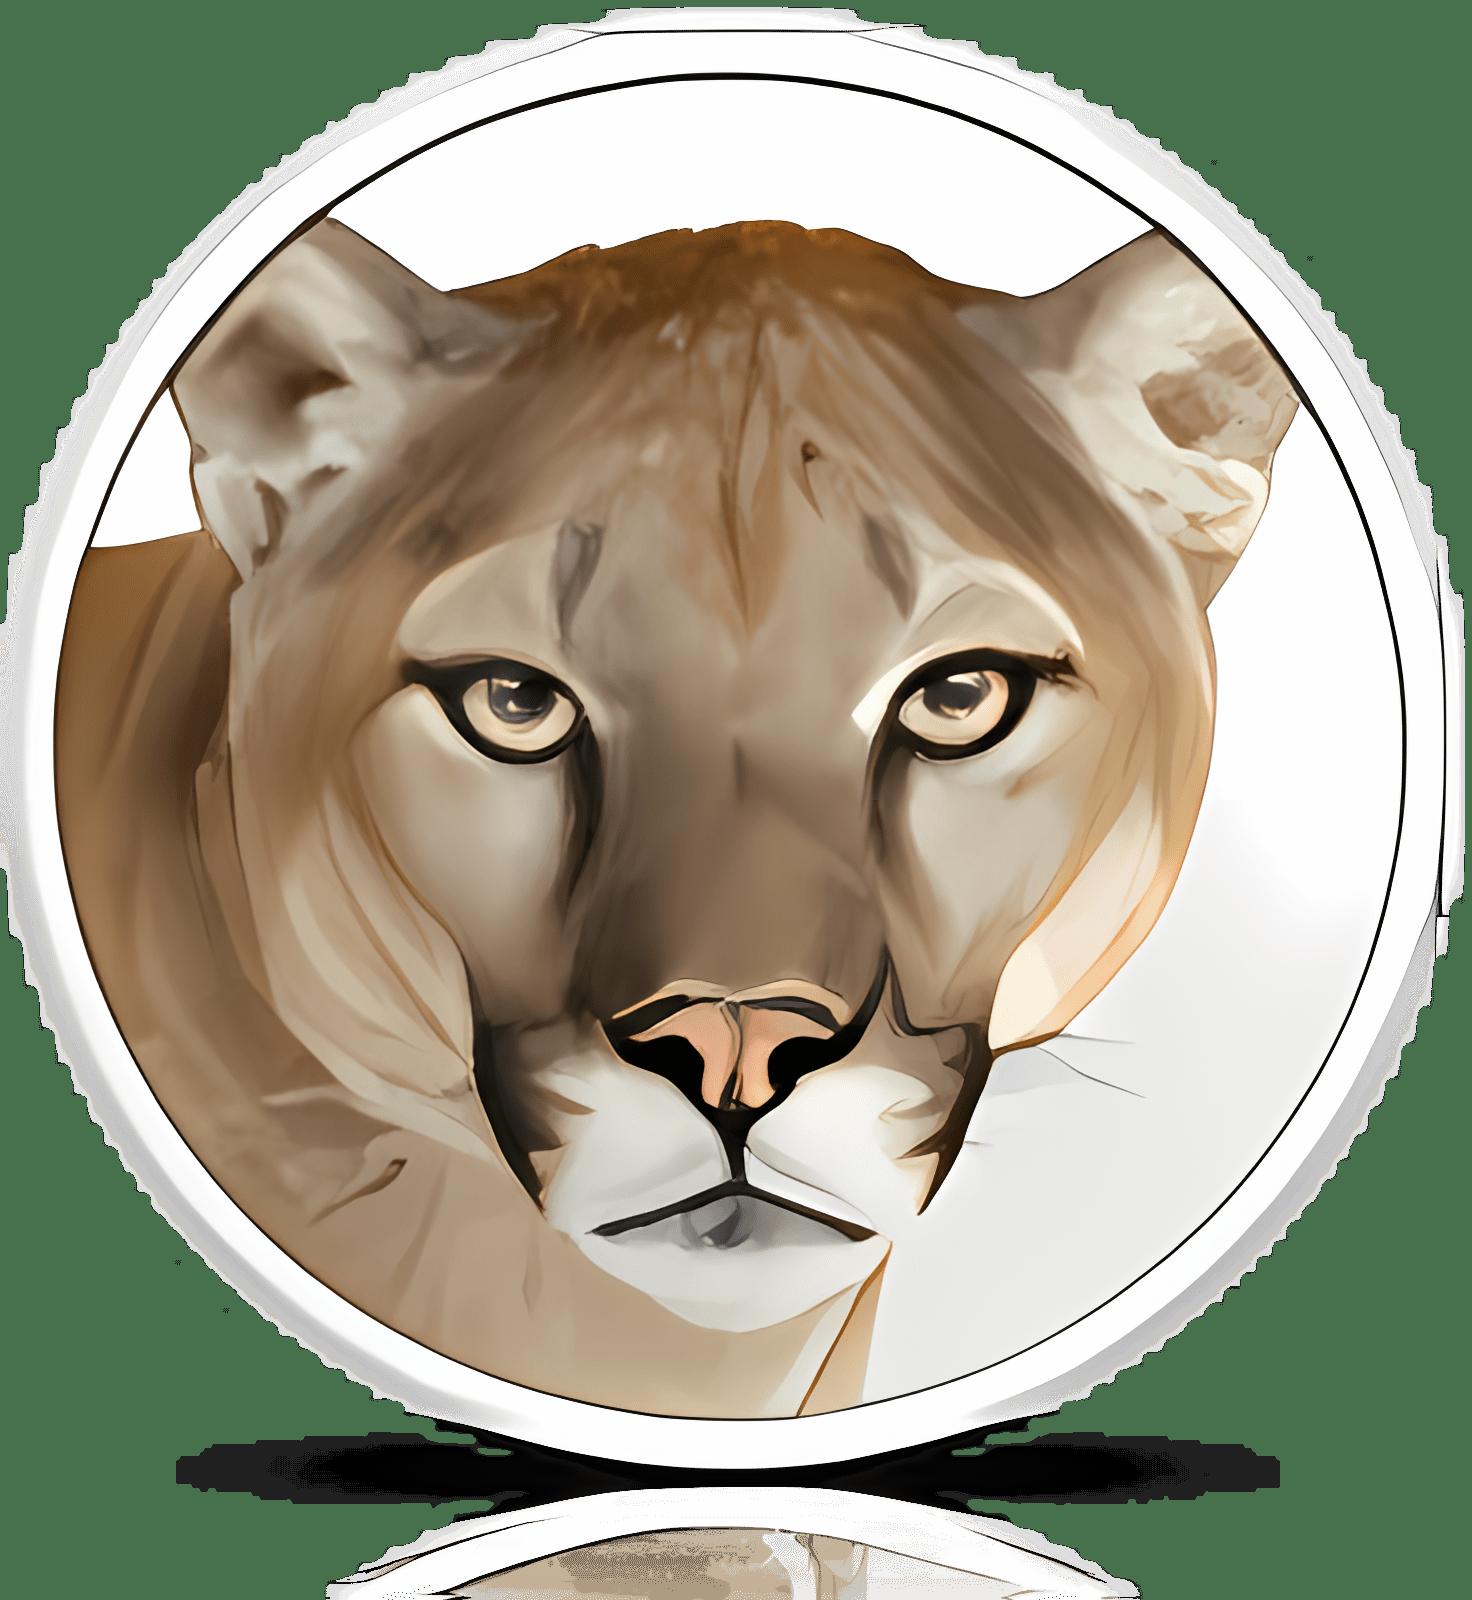 OS X 10.8.1 Mountain Lion